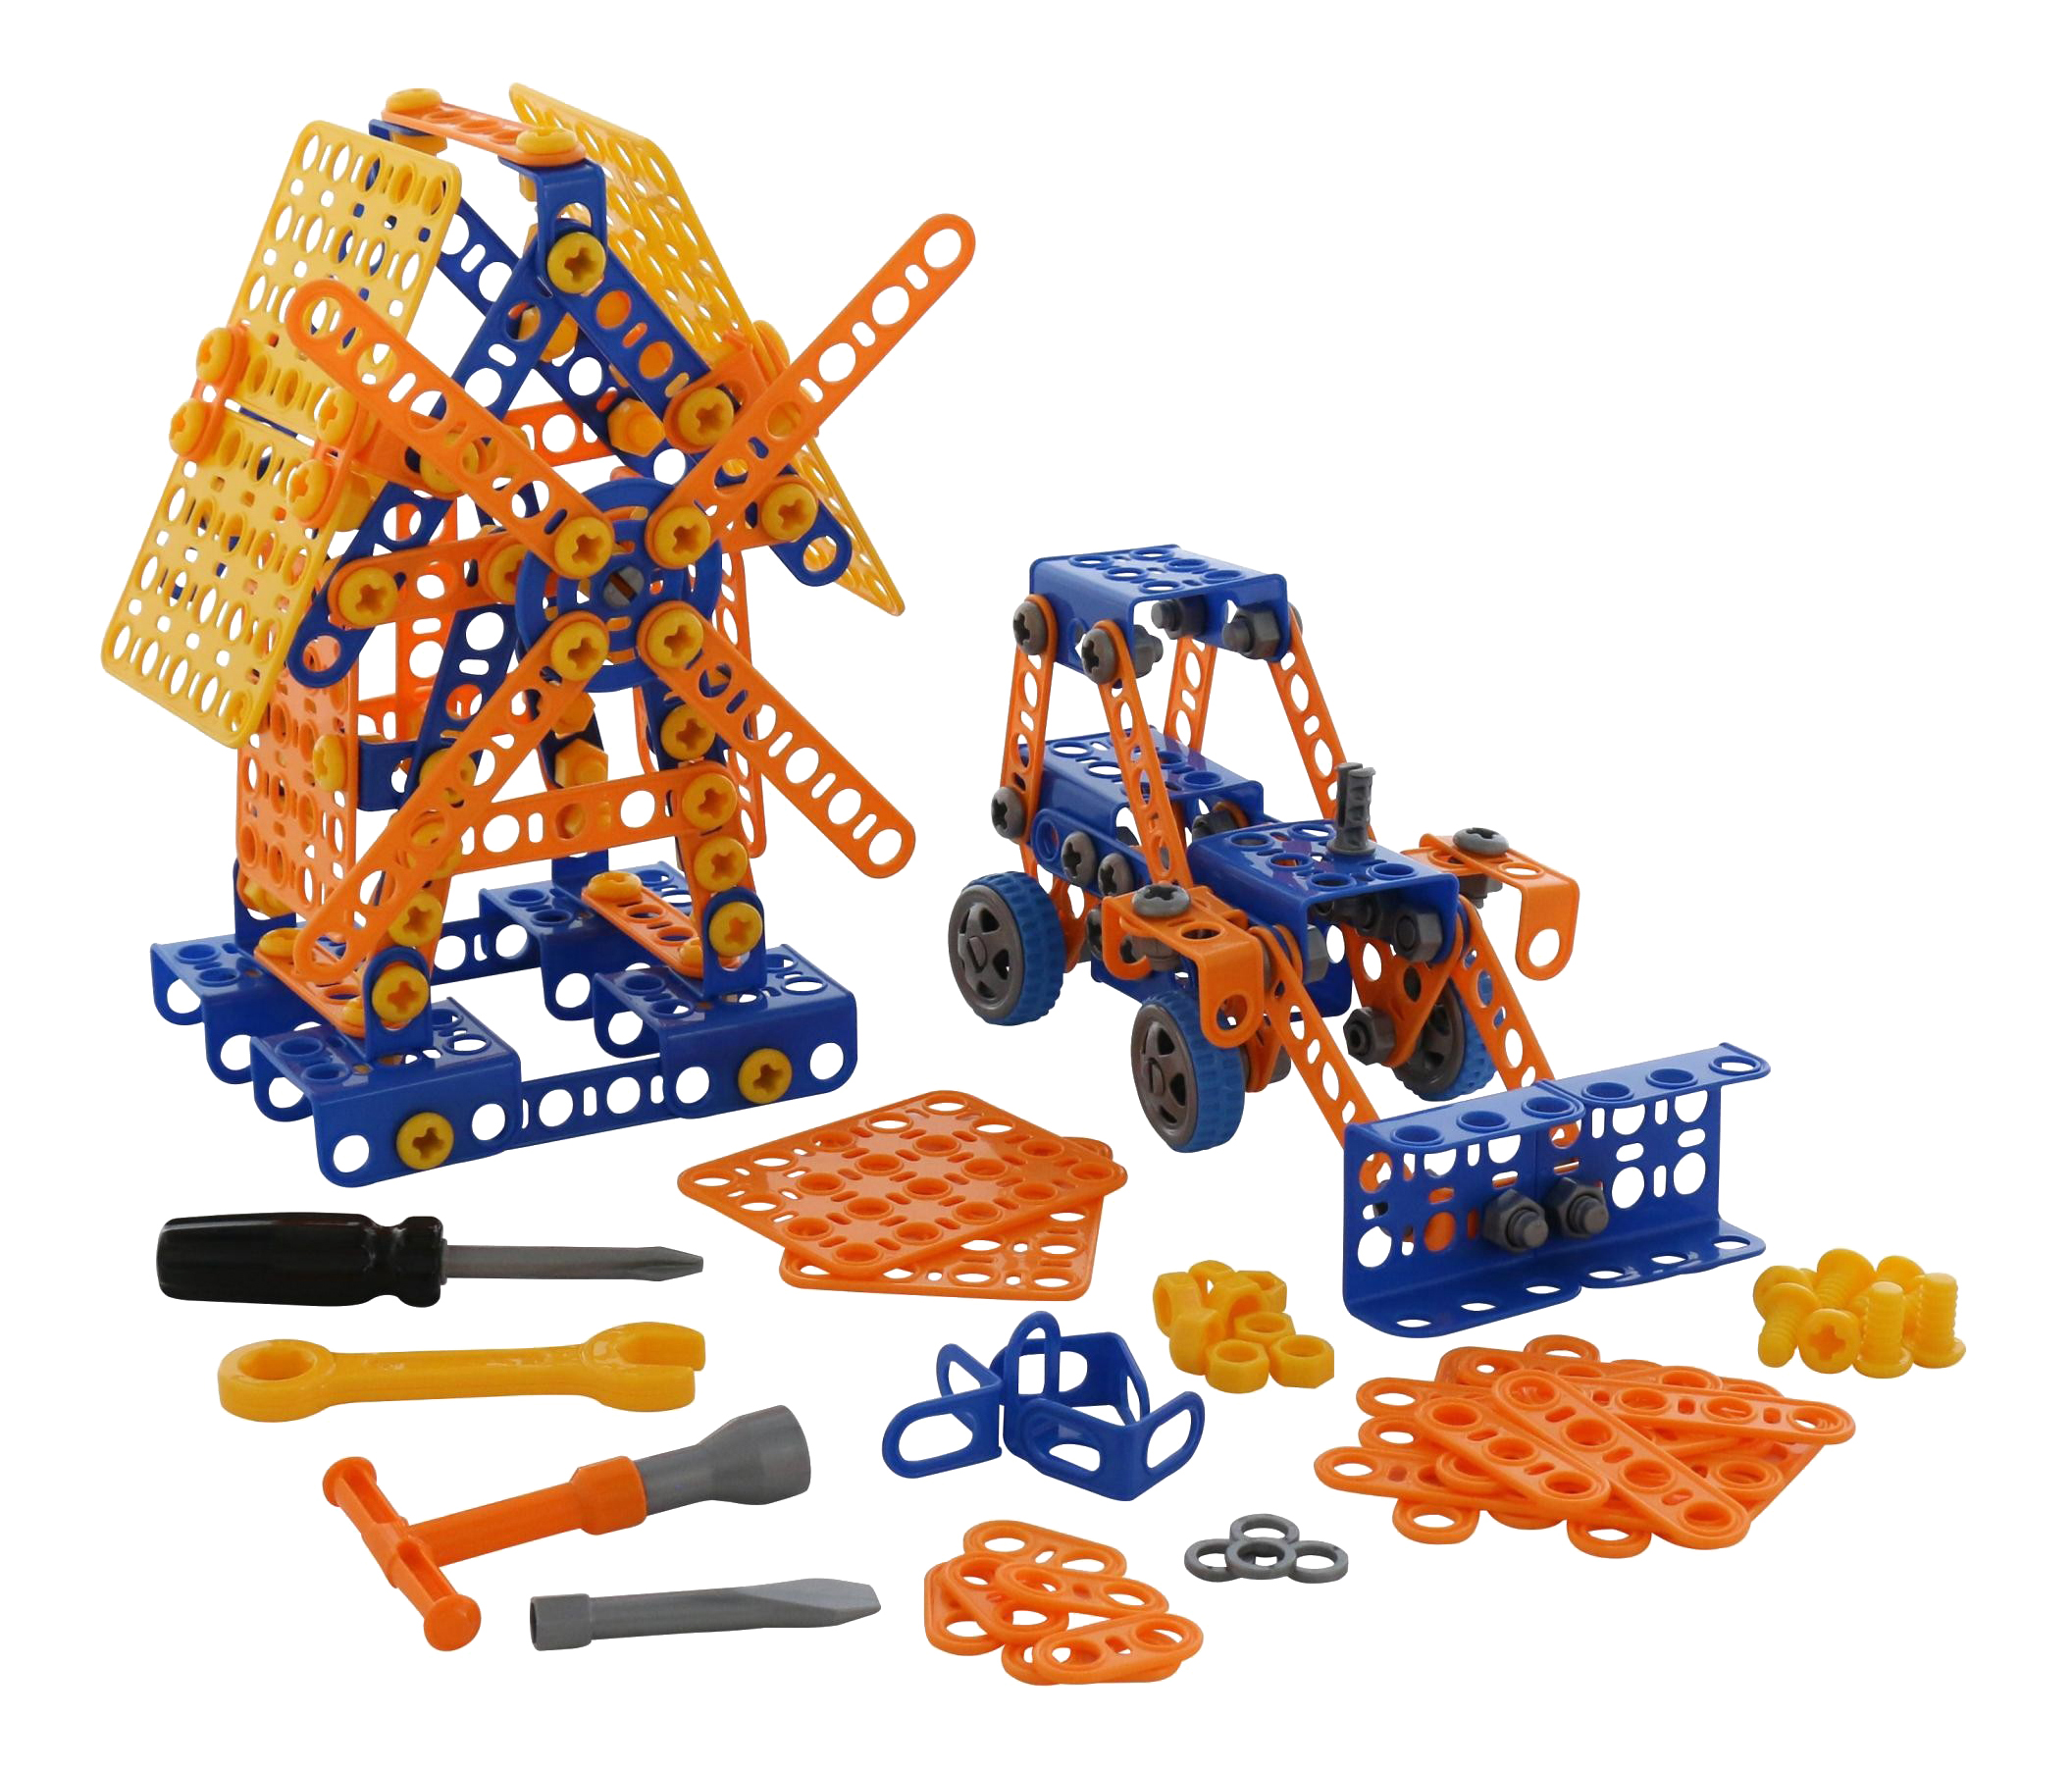 Конструктор Полесье Изобретатель Мельница №2 + Трактор-погрузчик №1 330 элементов,  - купить со скидкой